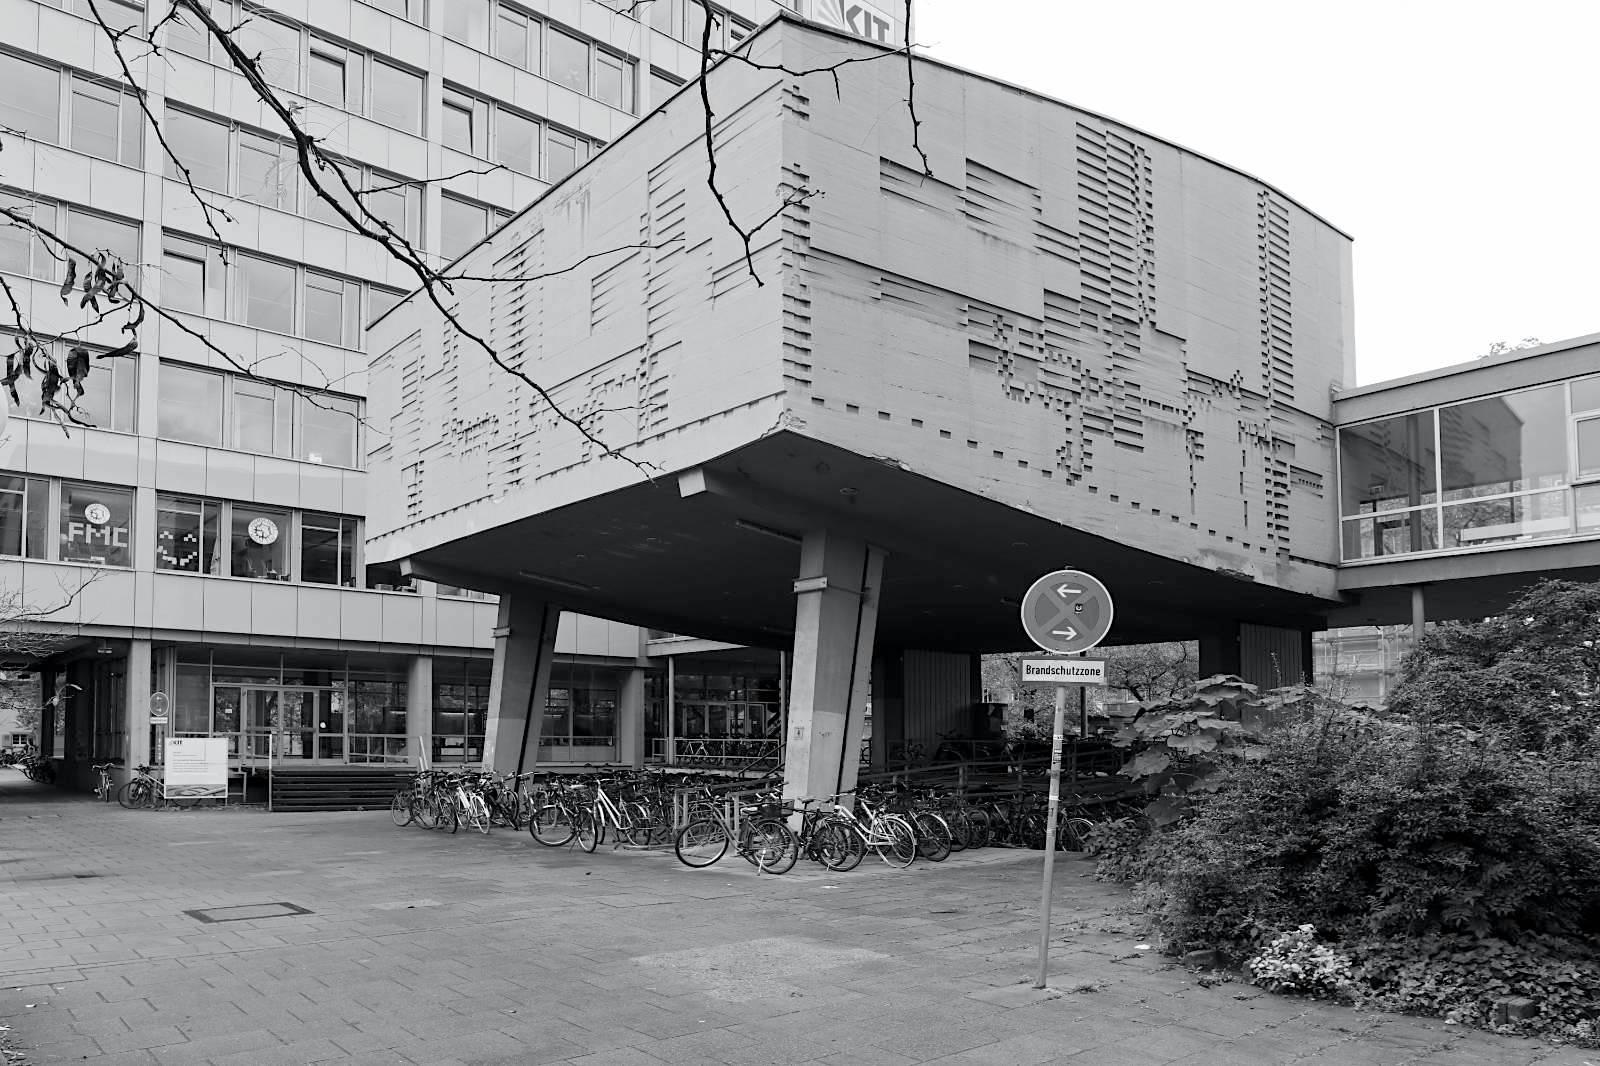 Nusselt-Hörsaal. Klaus Arnold, 1960. Arnold (1928–2009) war Bildhauer, Maler und Rektor der Staatlichen Akademie der Bildenden Künste Karlsruhe. Er schuf zahlreiche Arbeiten im öffentlichen Raum und Kunst-am-Bau-Projekte wie Farbverglasungen (an Kirchen), Brunnenanlagen sowie Gestaltungen von Foyer des Schwedenpalais (heute Führungsakademie Baden-Württemberg, 1978).